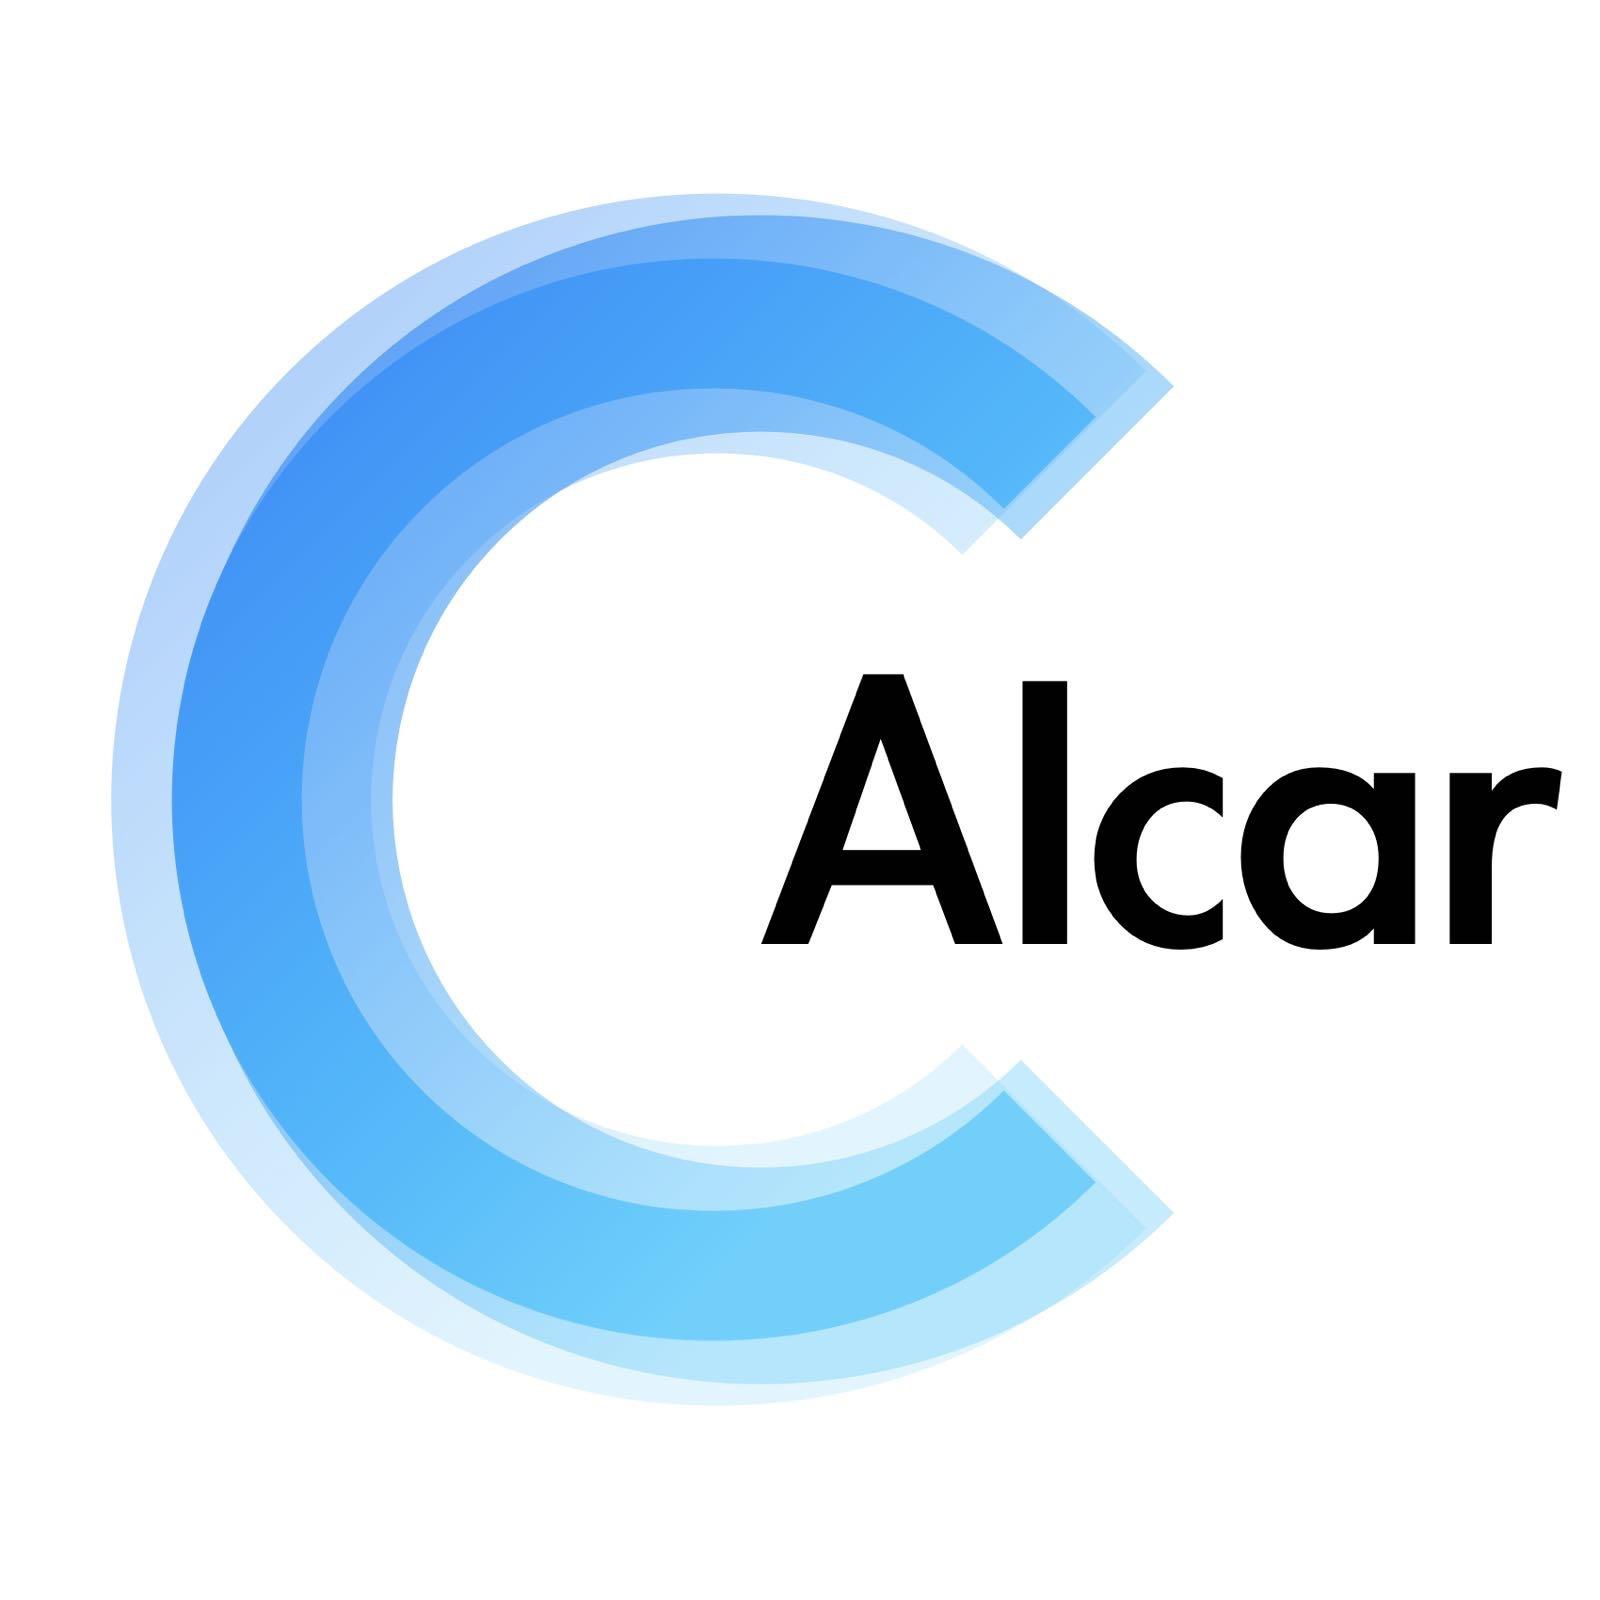 AIcar区块链落地物流场景,与多家物流